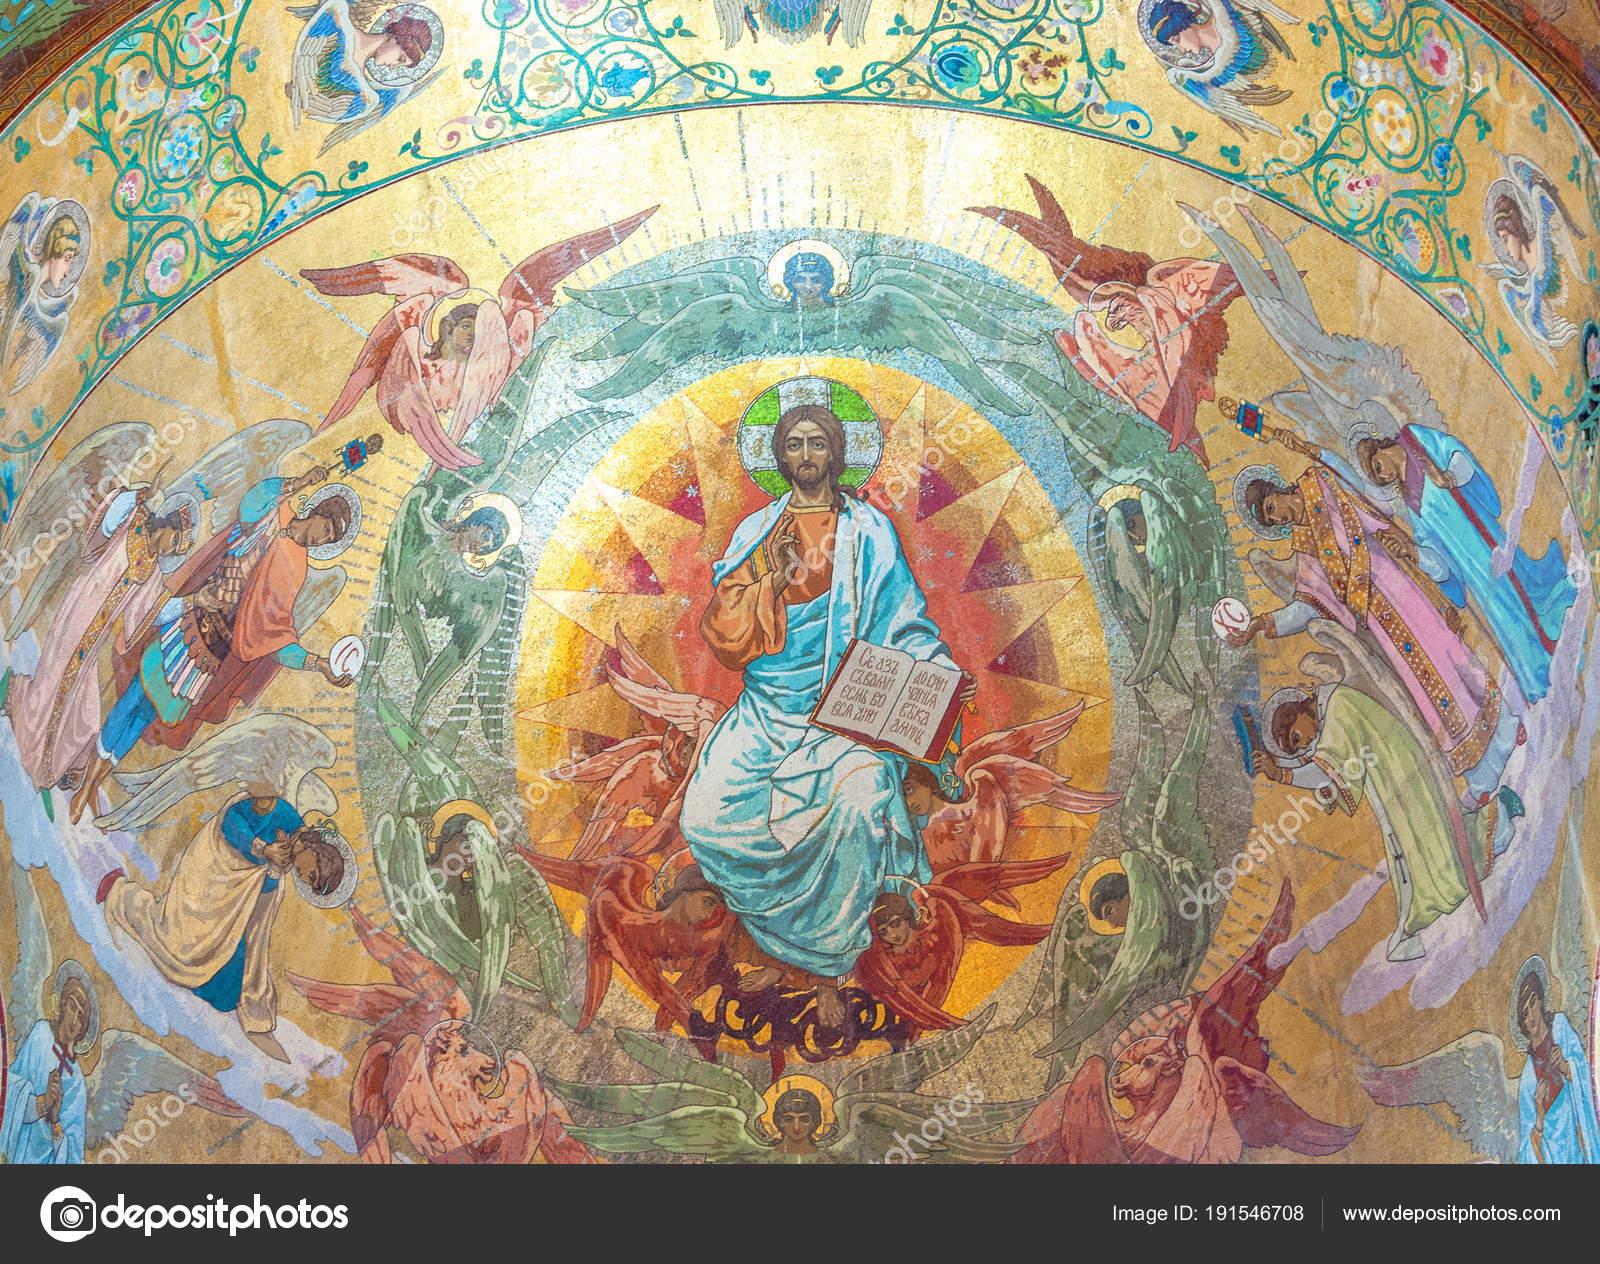 Zafer Sanatçı Karlamof Mesih Isa Nın Diriliş Petersburg Katedral